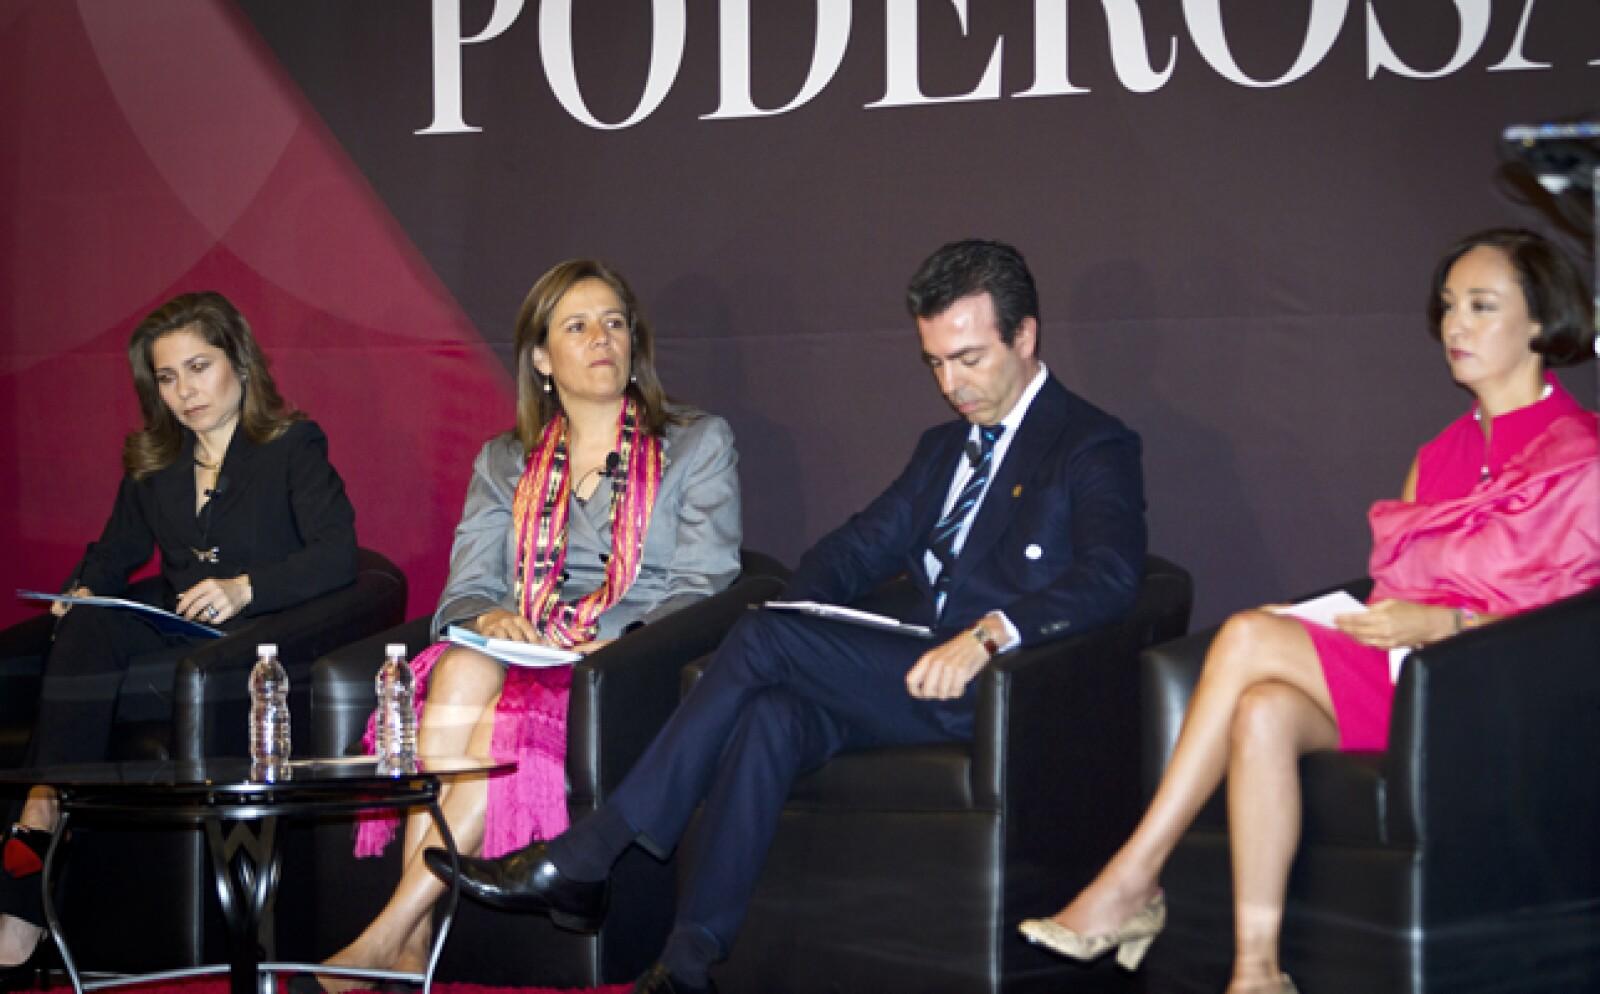 El panel La empresa como generadora de mujeres poderosas contó con la participación de Margarita Zavala, primera dama; Gabriela Hernández, presidenta de GE; Sandra Sánchez, presidenta de Amgen, y Alejandro Ramírez, director general de Cinépolis.